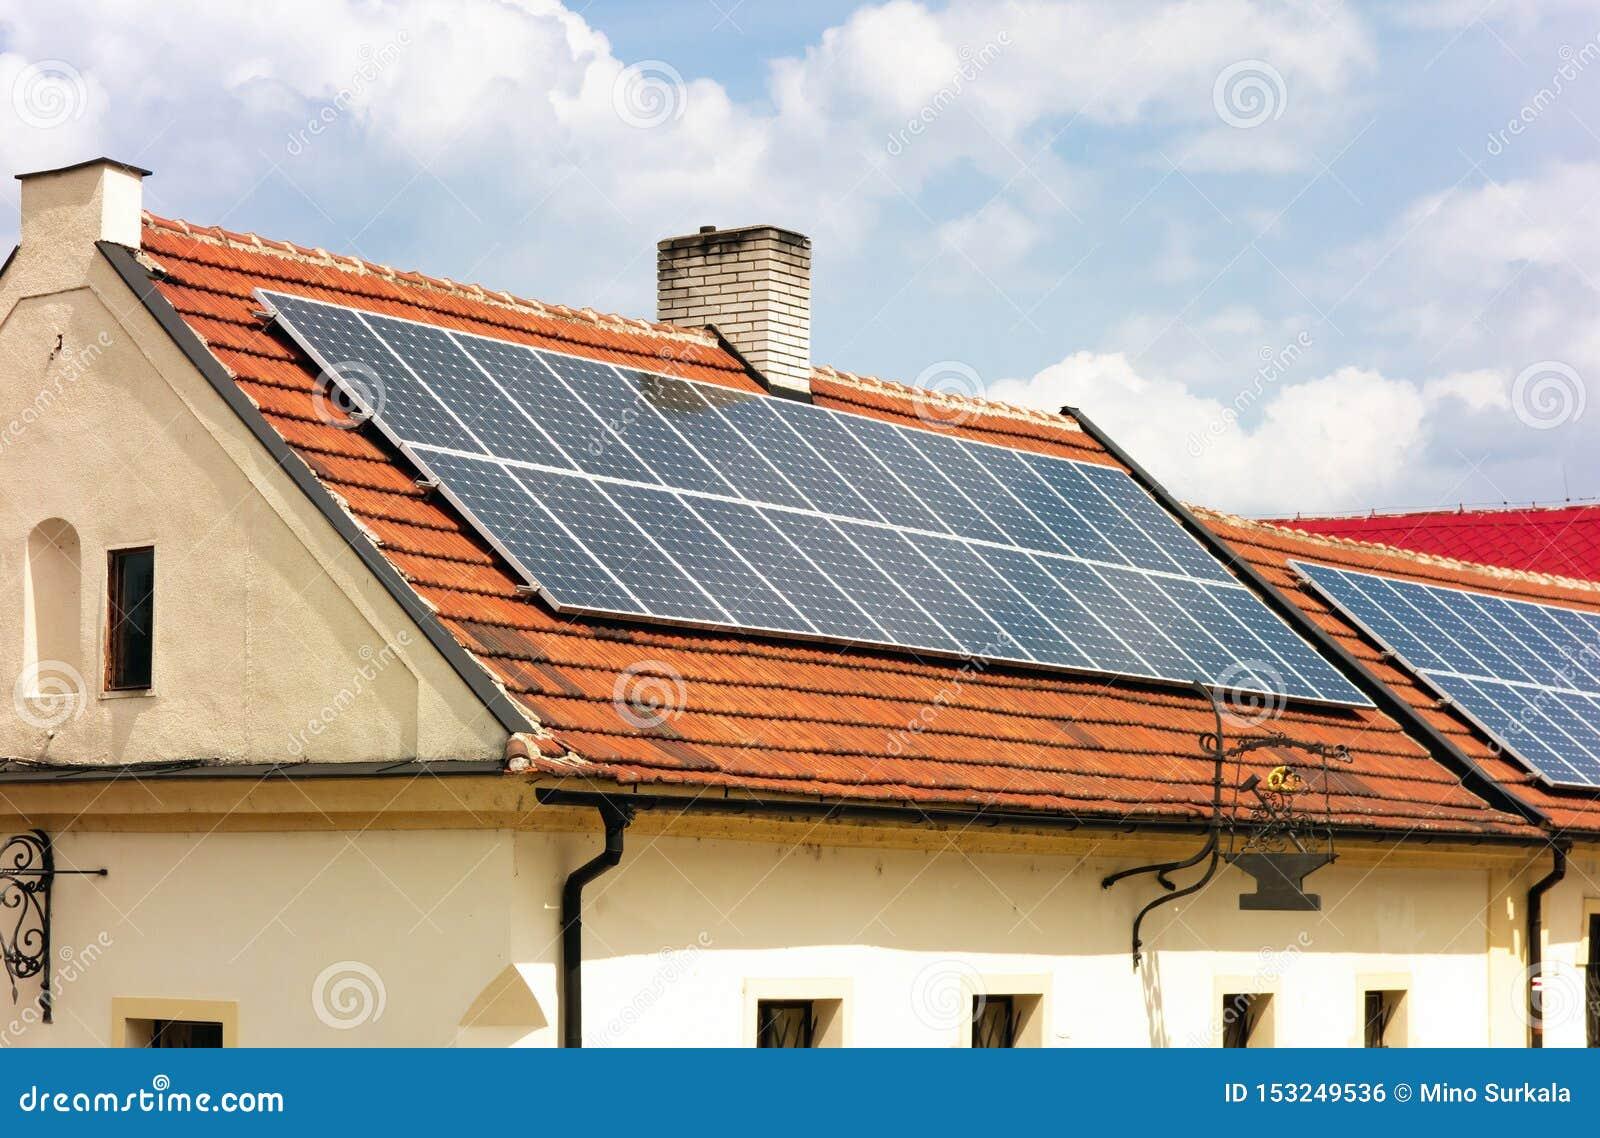 Kontrast stary dom nowożytna technologia i gdy ono używa słonecznego dach